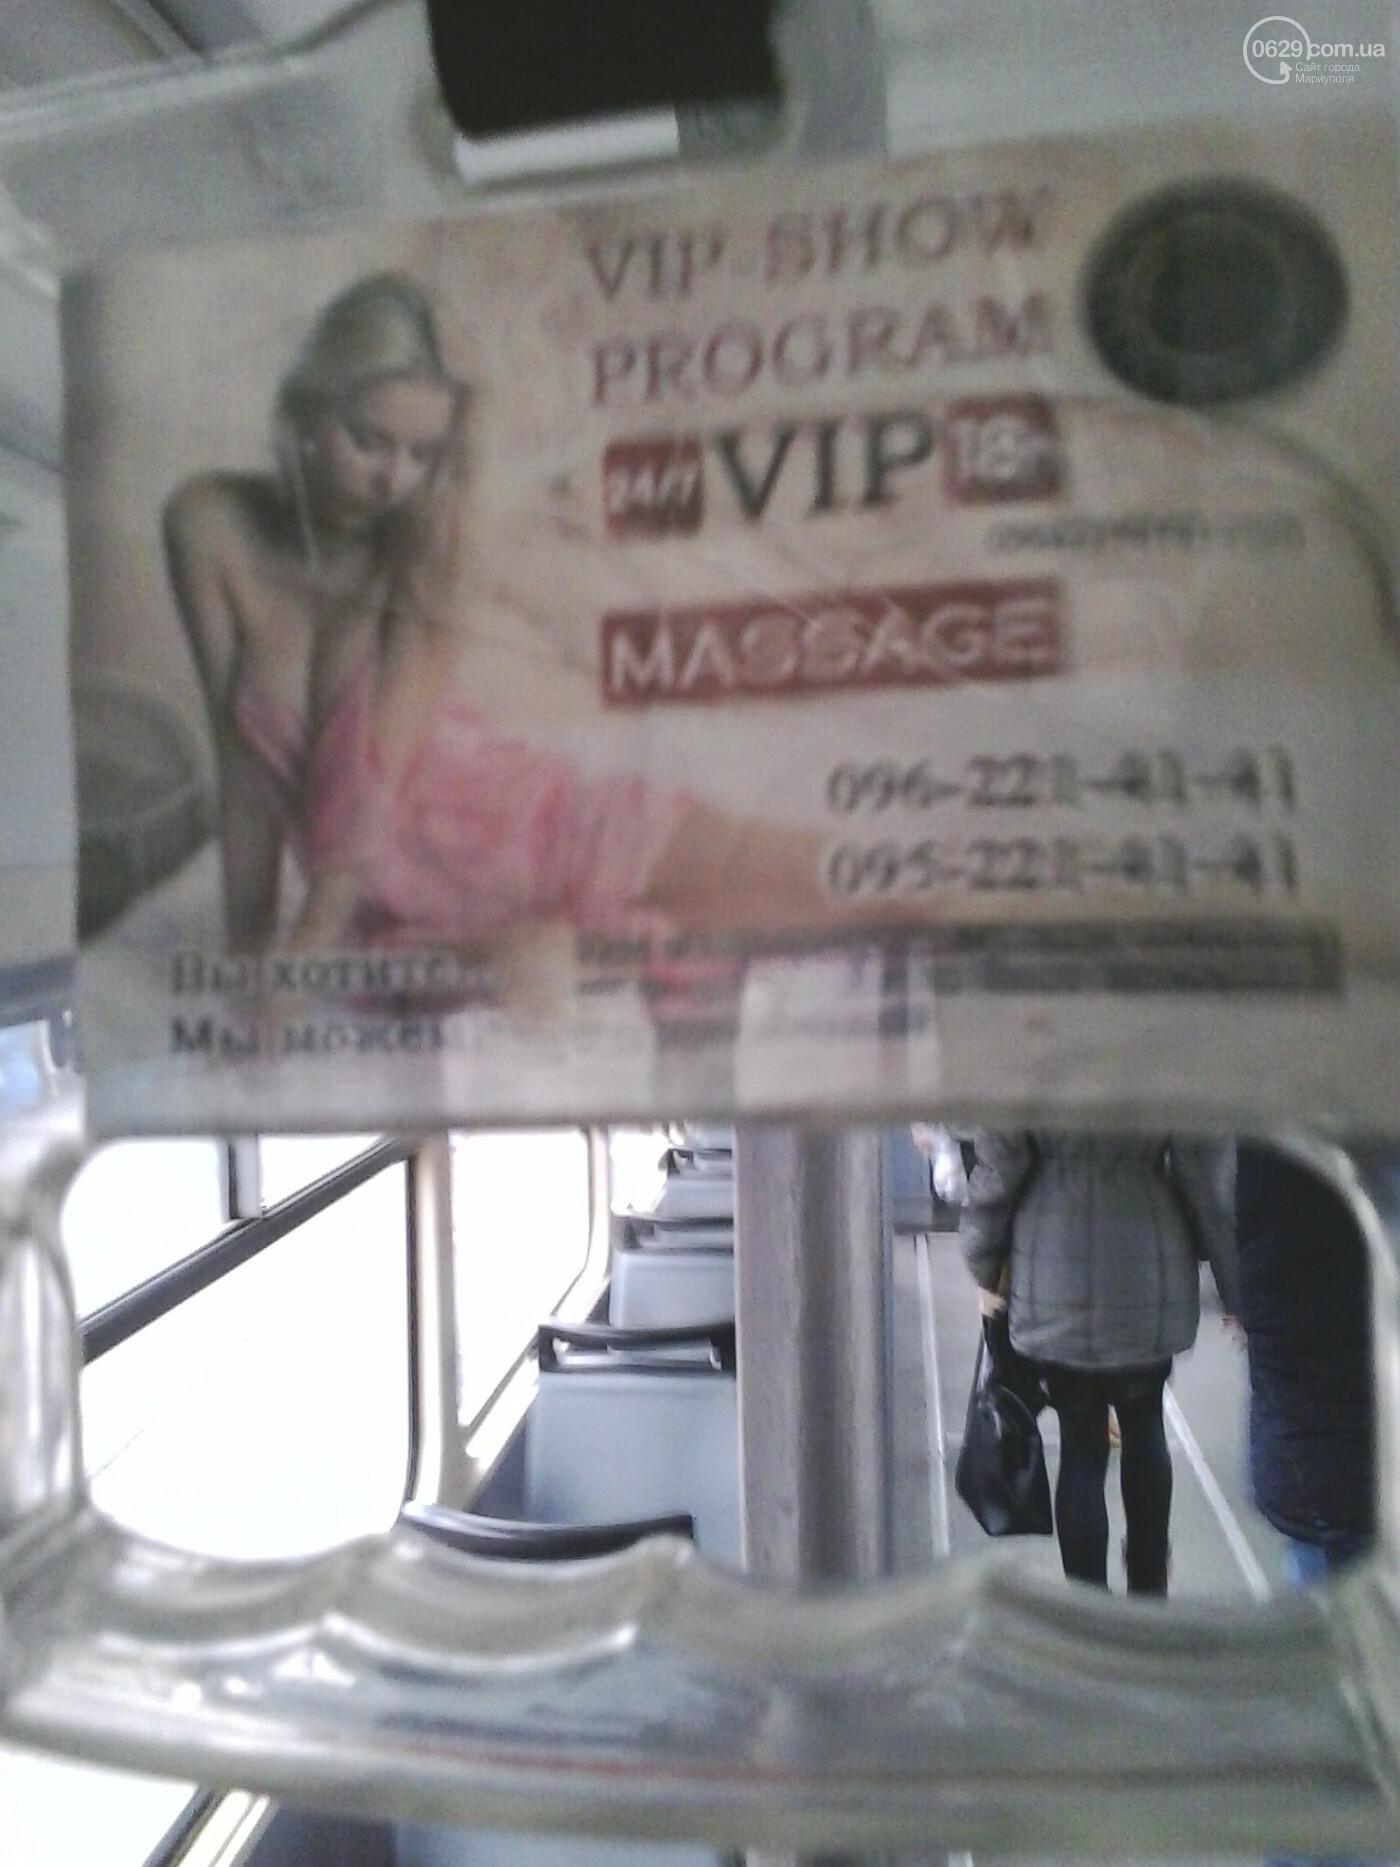 В мариупольском трамвае рекламировали круглосуточный массаж, - ФОТО 18+, фото-1